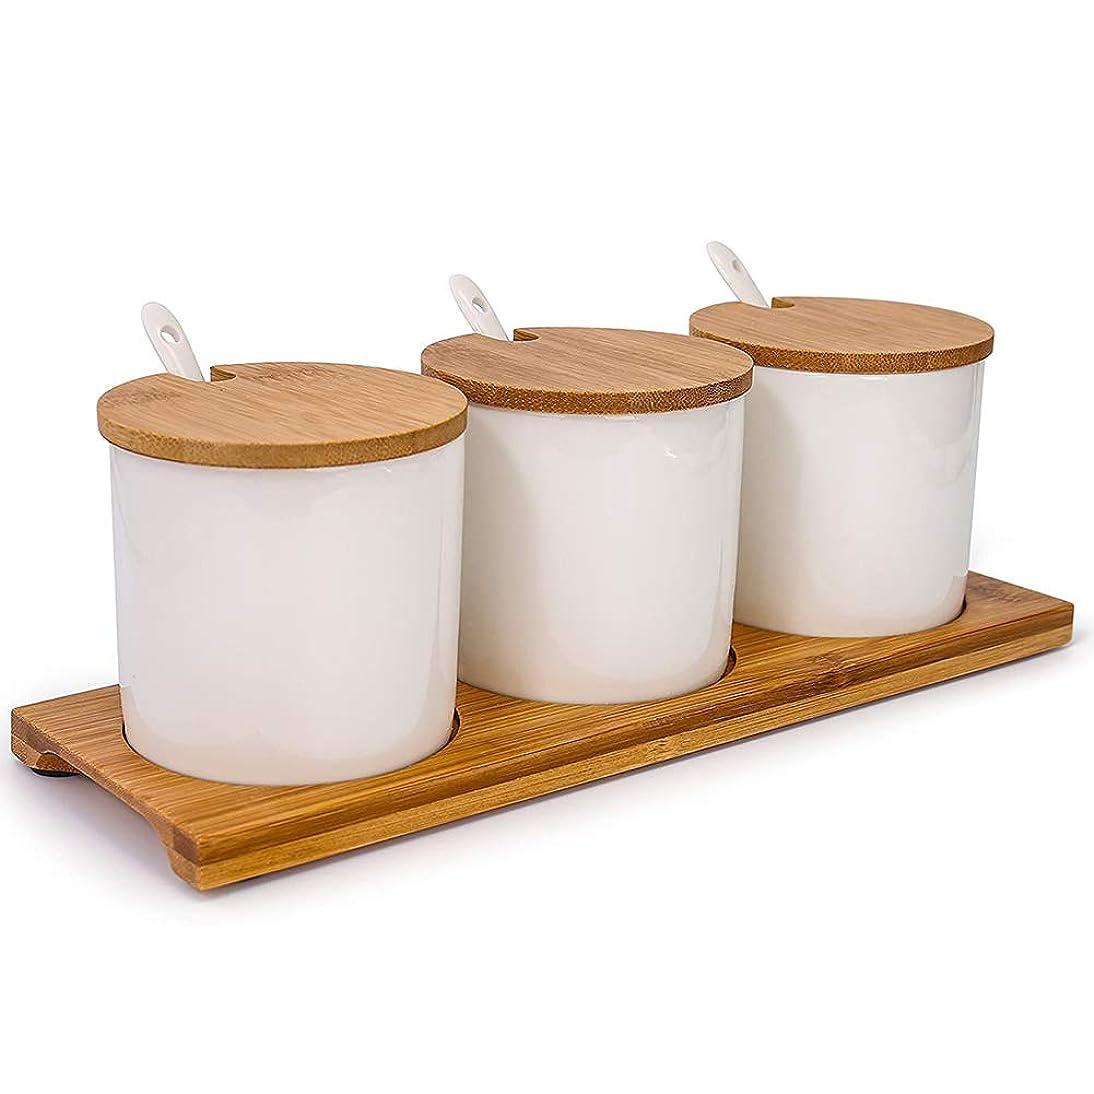 補足おもてなし祈るセラミックスプーン木製トレイ家庭のキッチン用品と竹や木材調味料の瓶250mlのセラミック、ソルトシェーカー